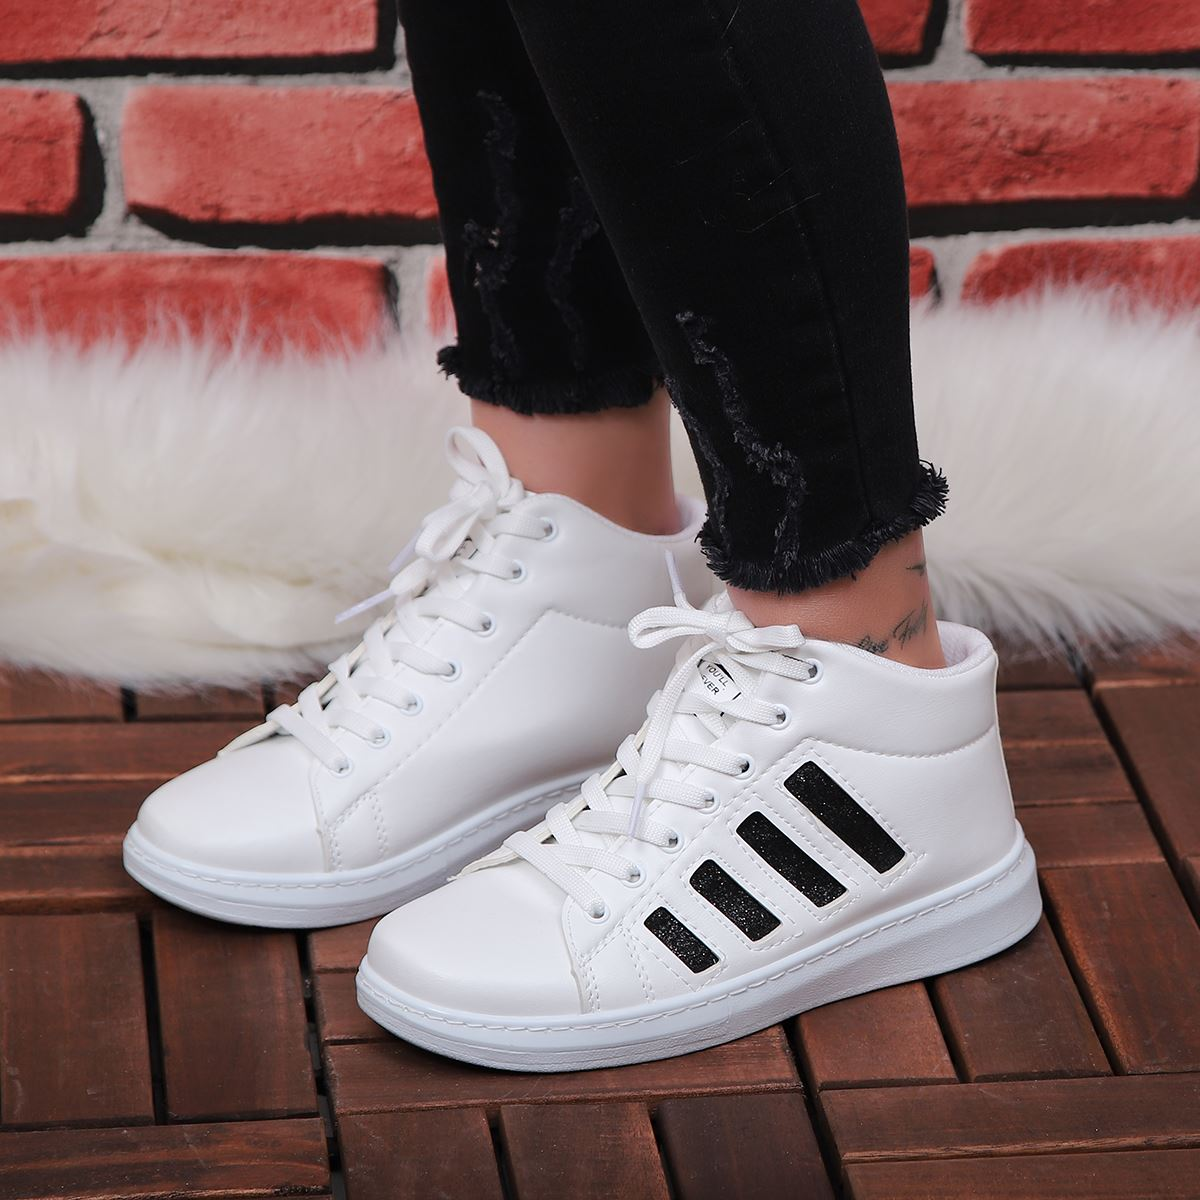 Beyaz Simli Siyah Şeritli Spor Ayakkabı AYK153